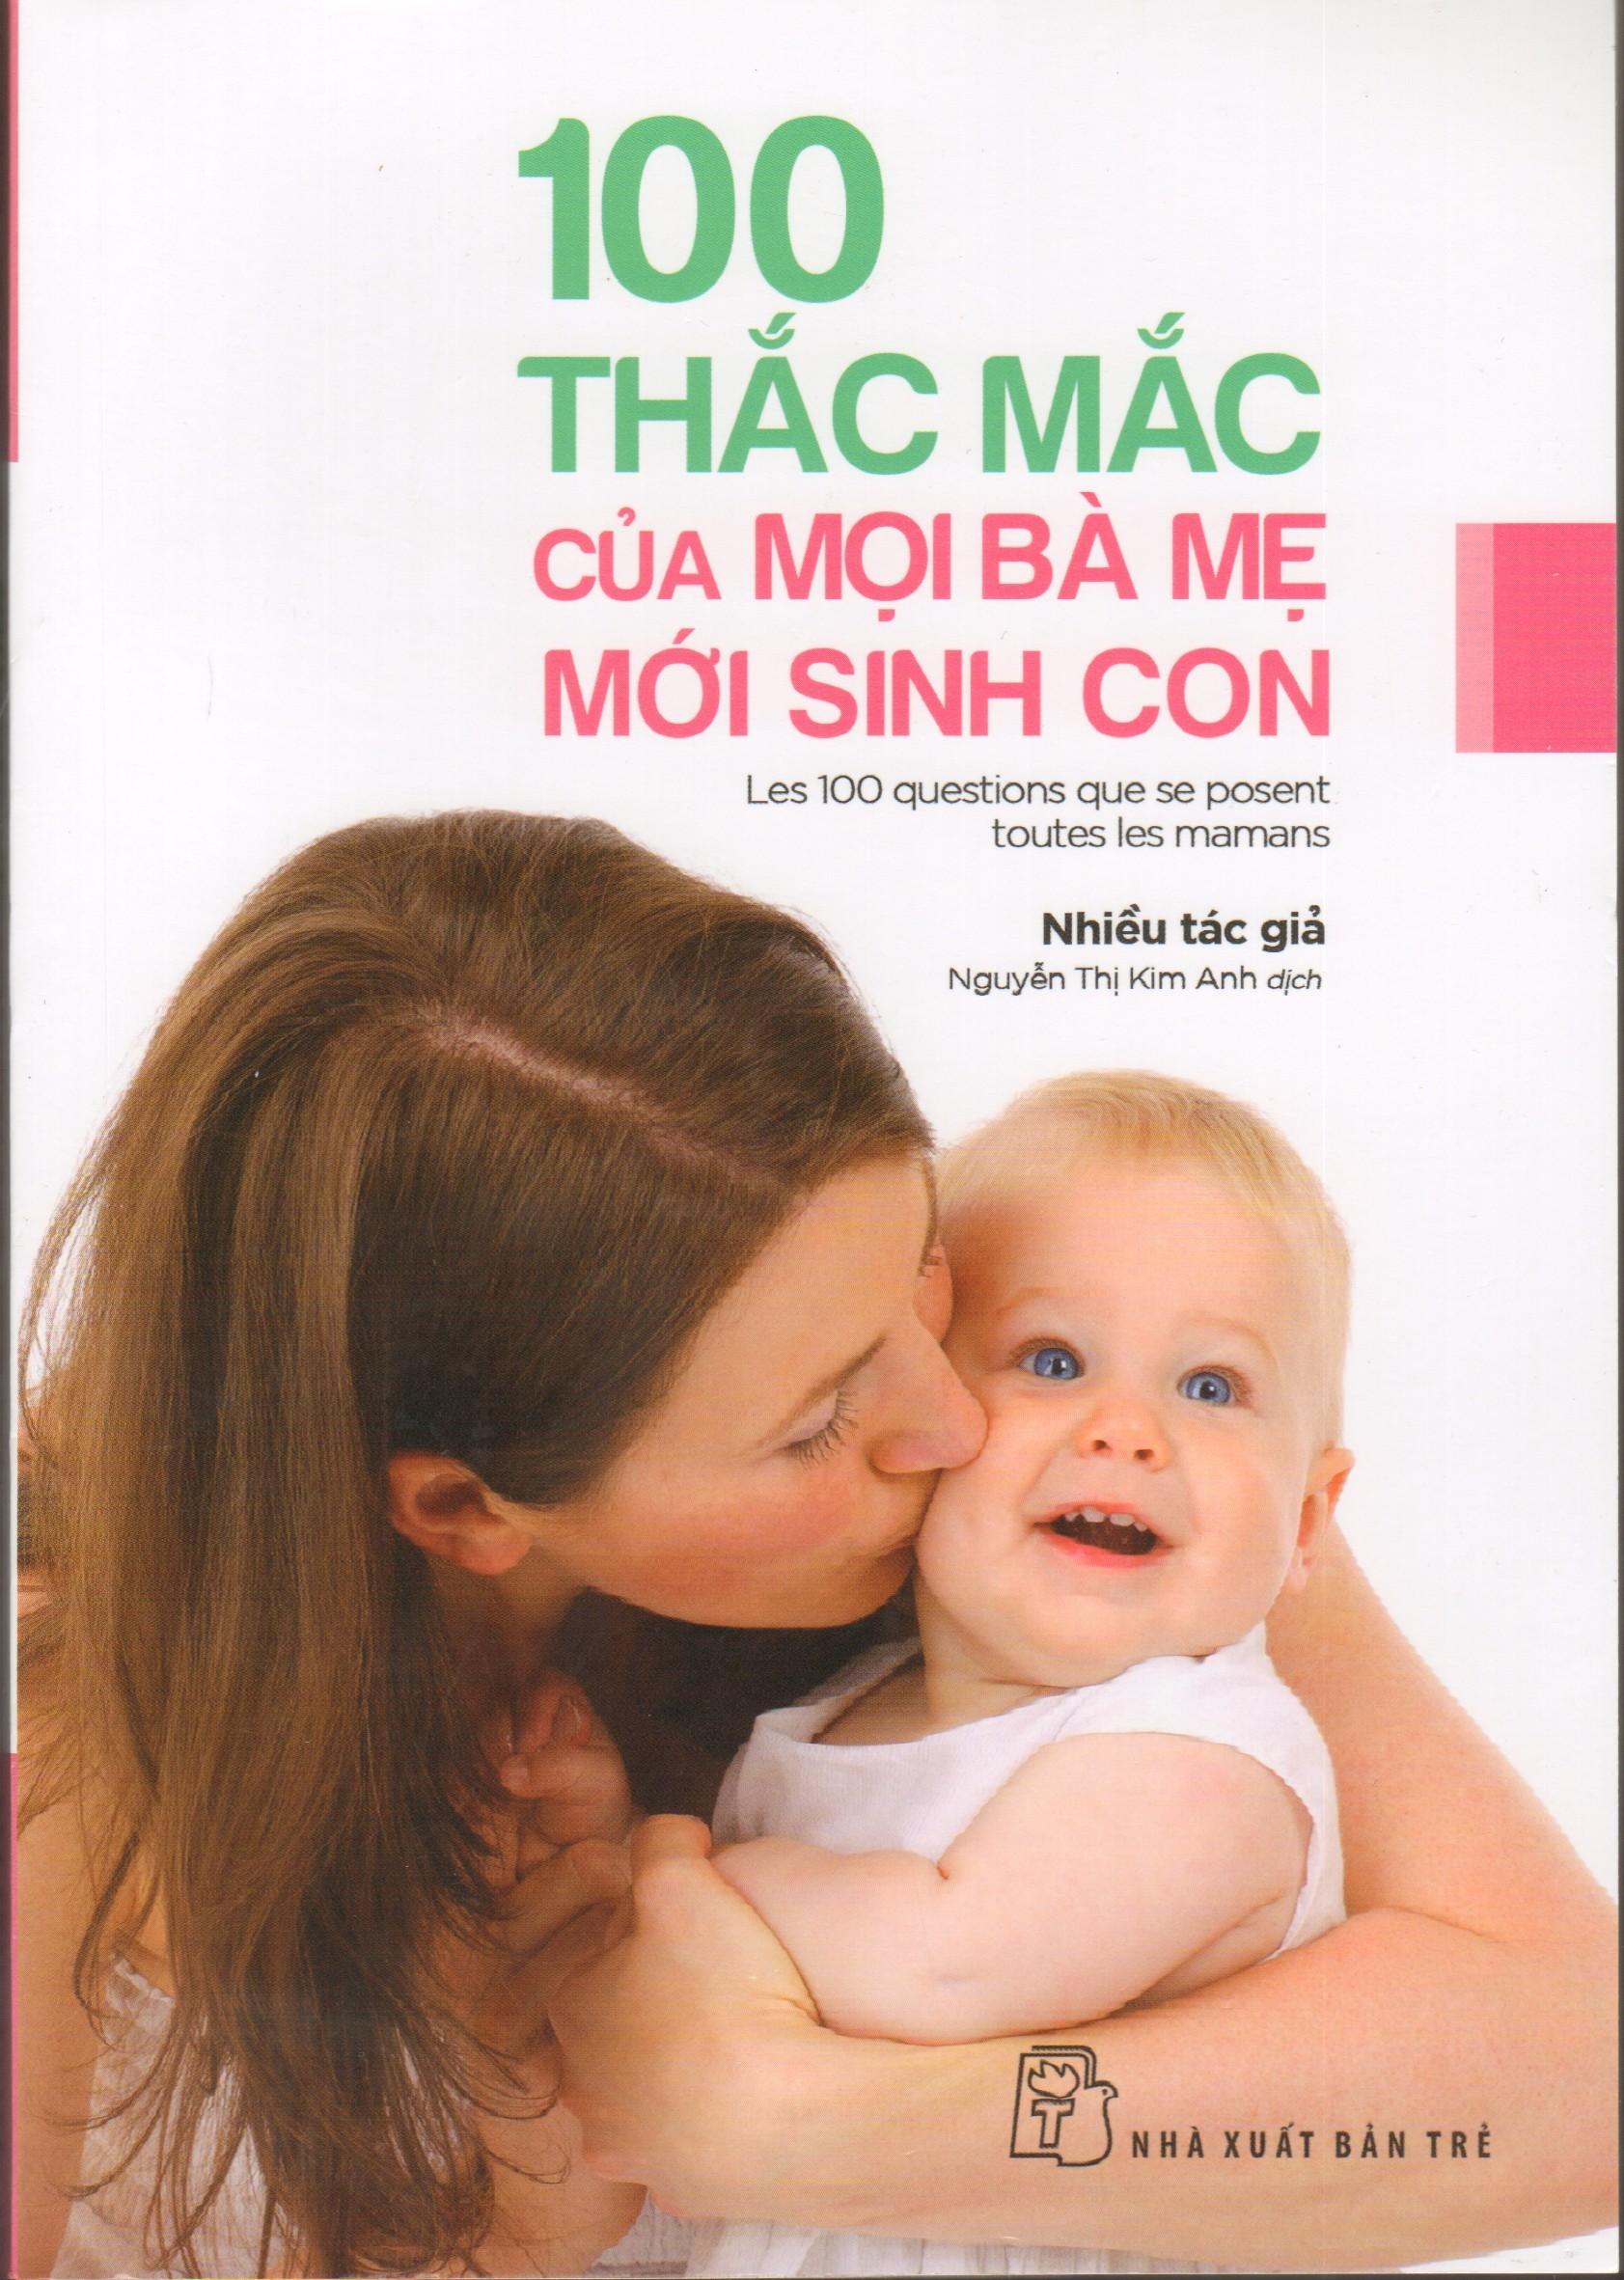 100 Thac Mac cua Moi Ba Me Moi Sinh Con